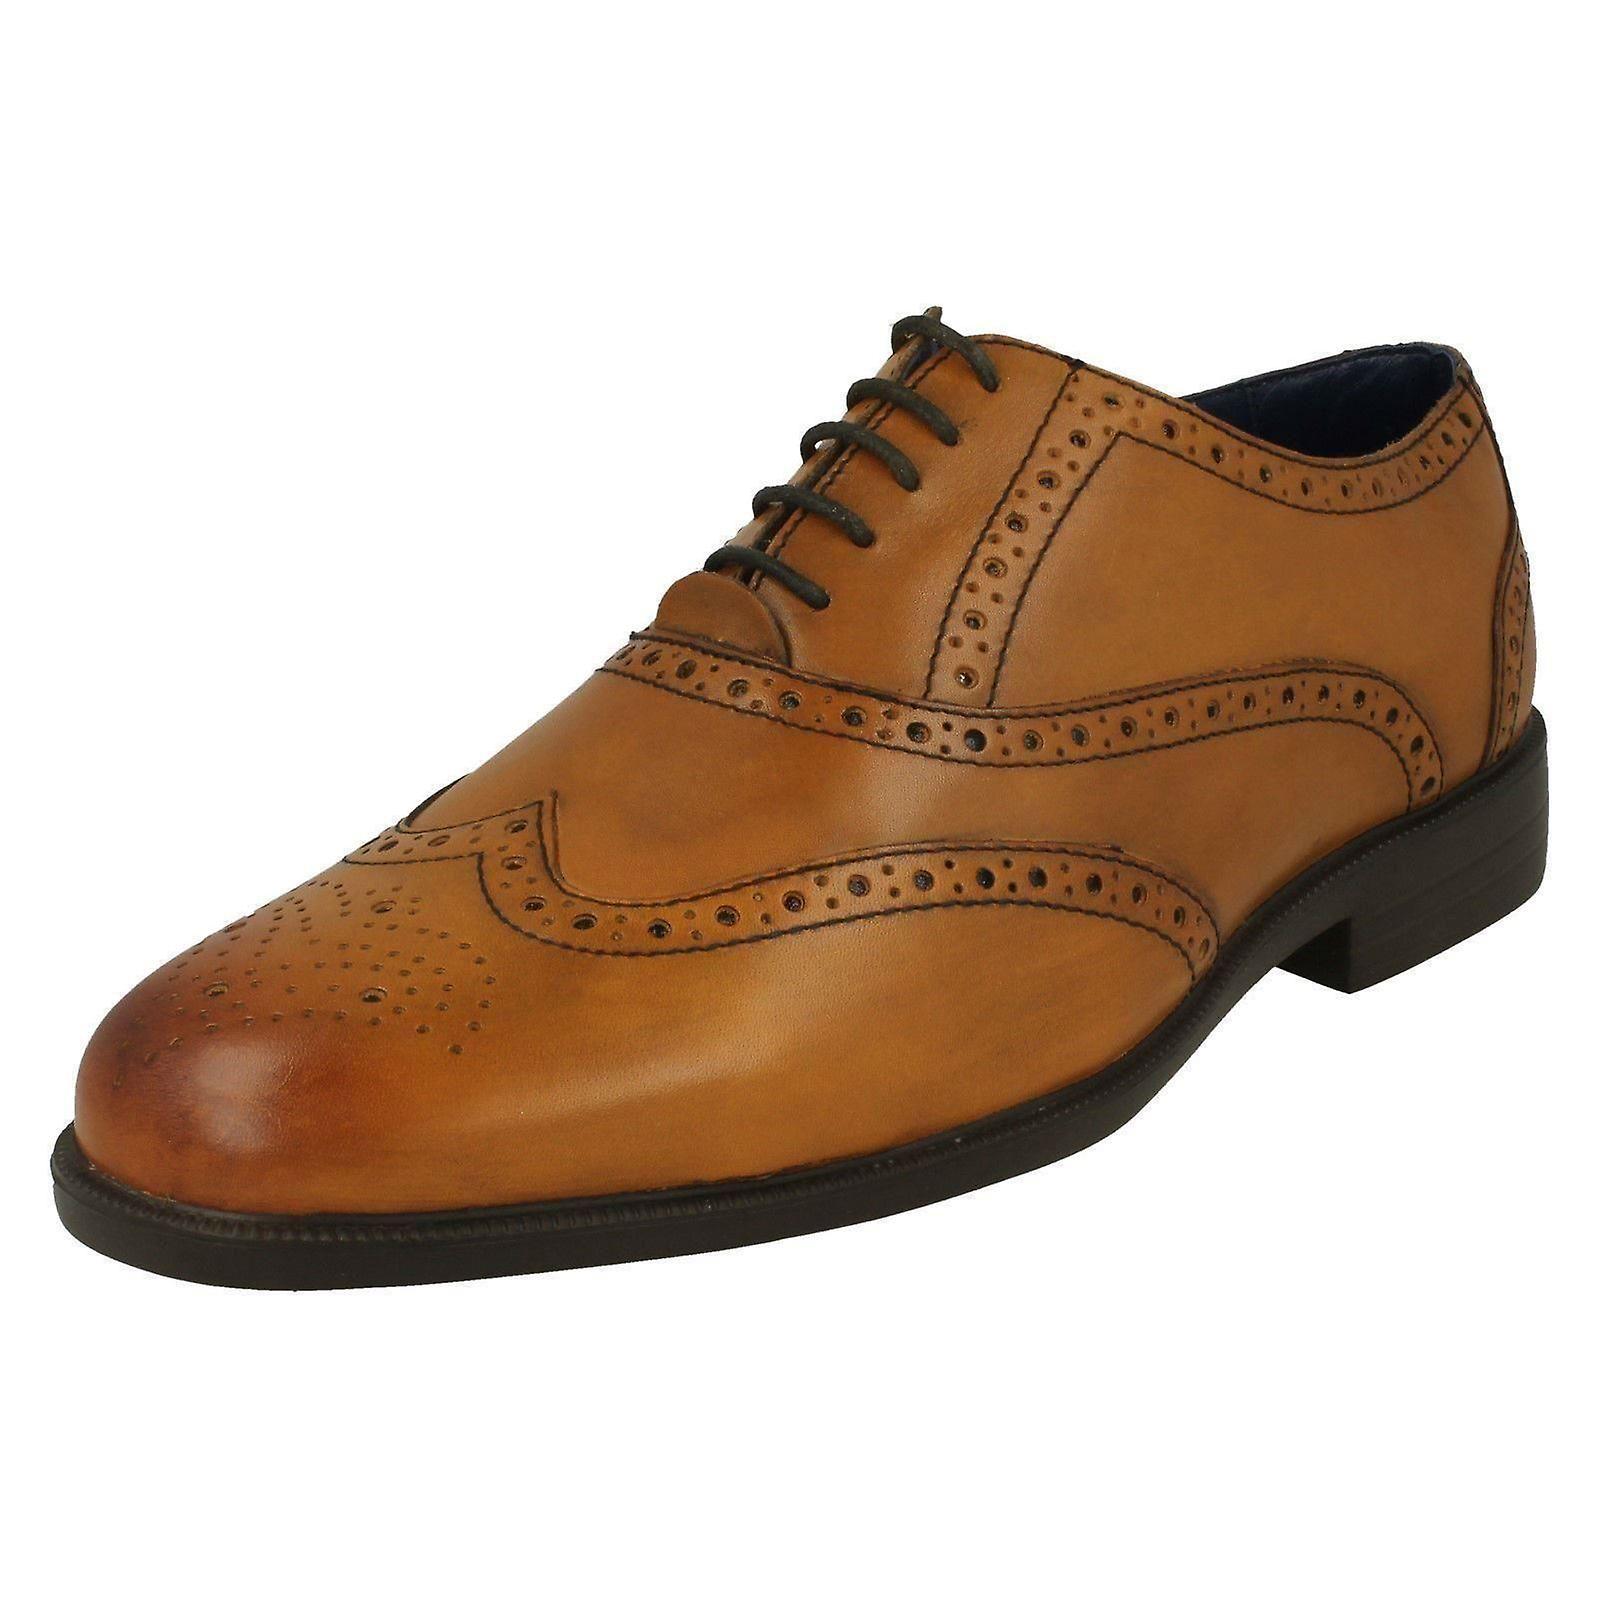 Foulard a Mens Brogue scarpe Oxford con lacci | Molto apprezzato e ampiamente fidato dentro e fuori  | Uomo/Donna Scarpa